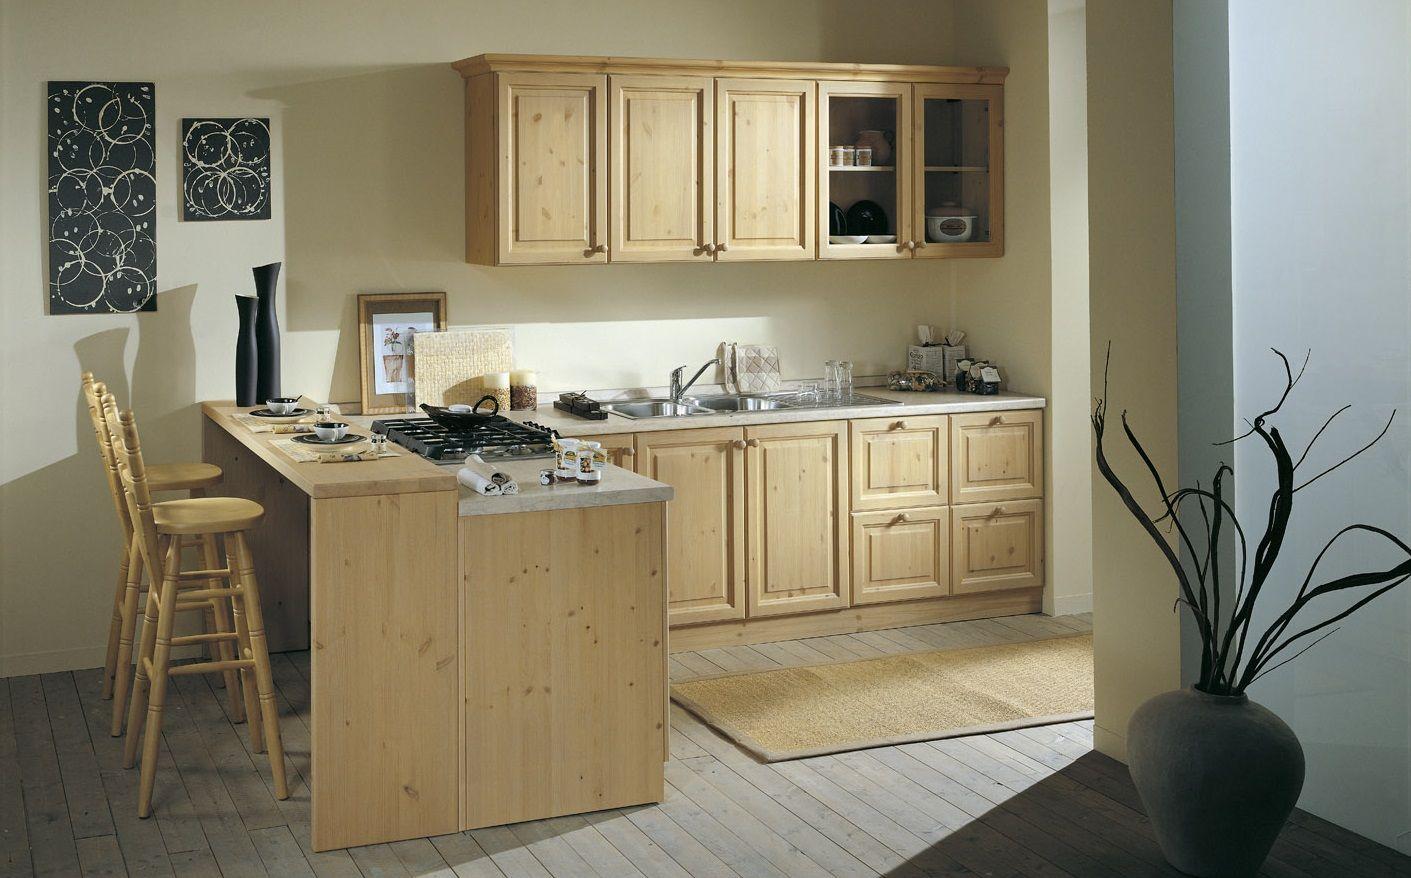 Cucina componibile su misura, costruita in pino massello ...